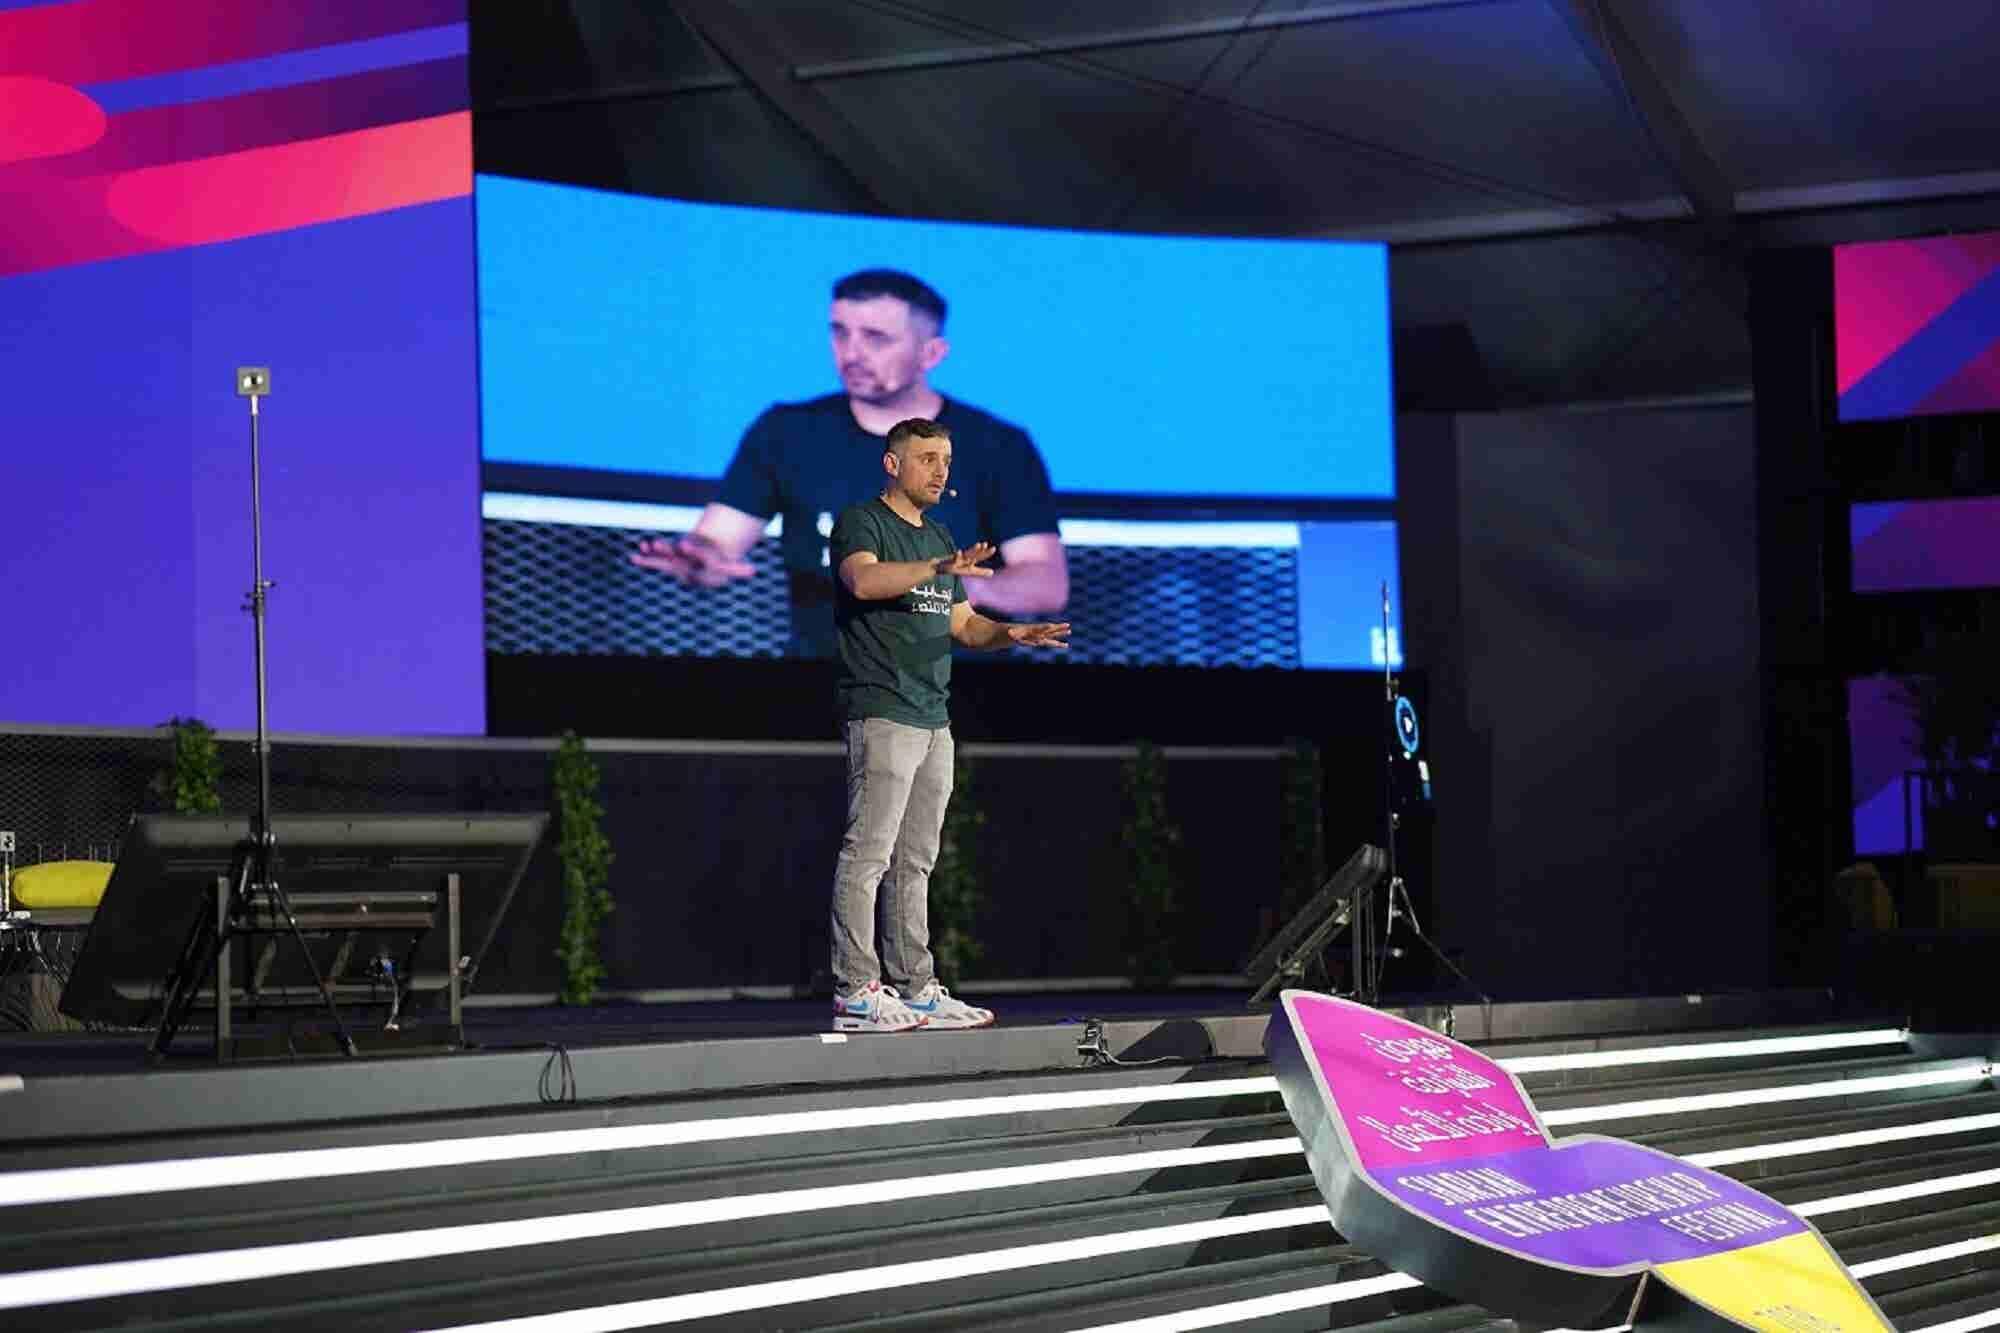 Gary Vaynerchuck Shares His Tips For Entrepreneurs At Sharjah Entrepreneurship Festival 2018